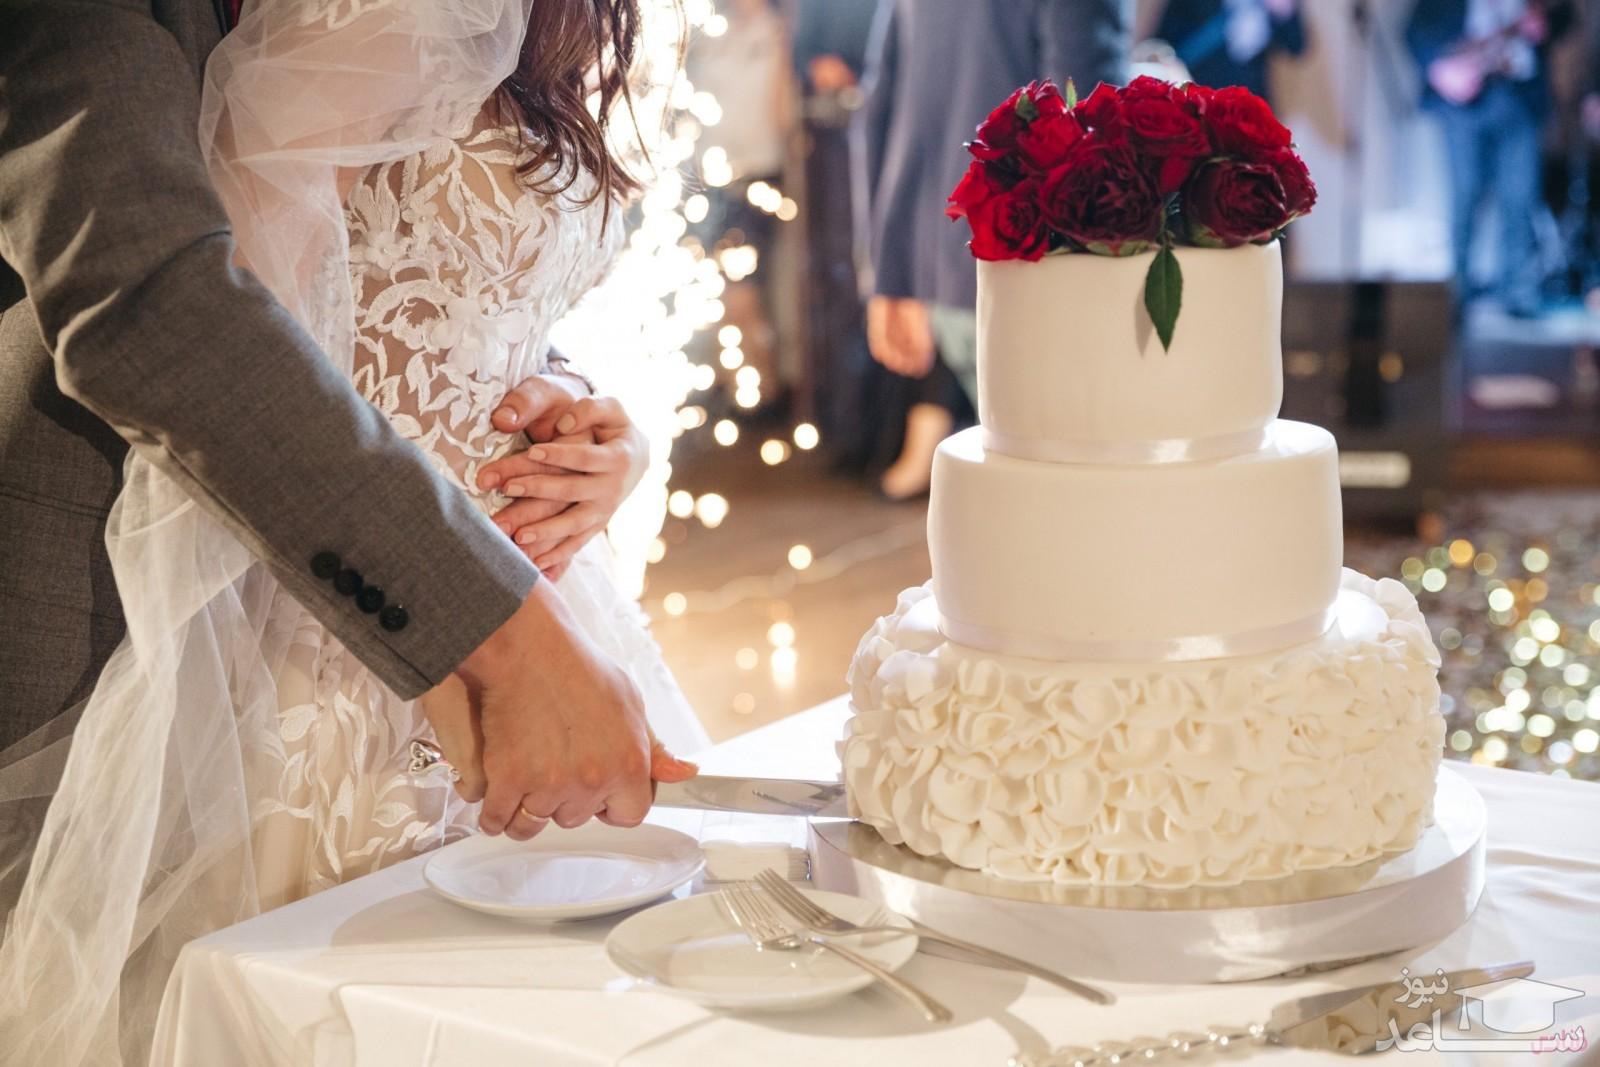 عروسی که کیک مراسمش را به مهمان ها فروخت!